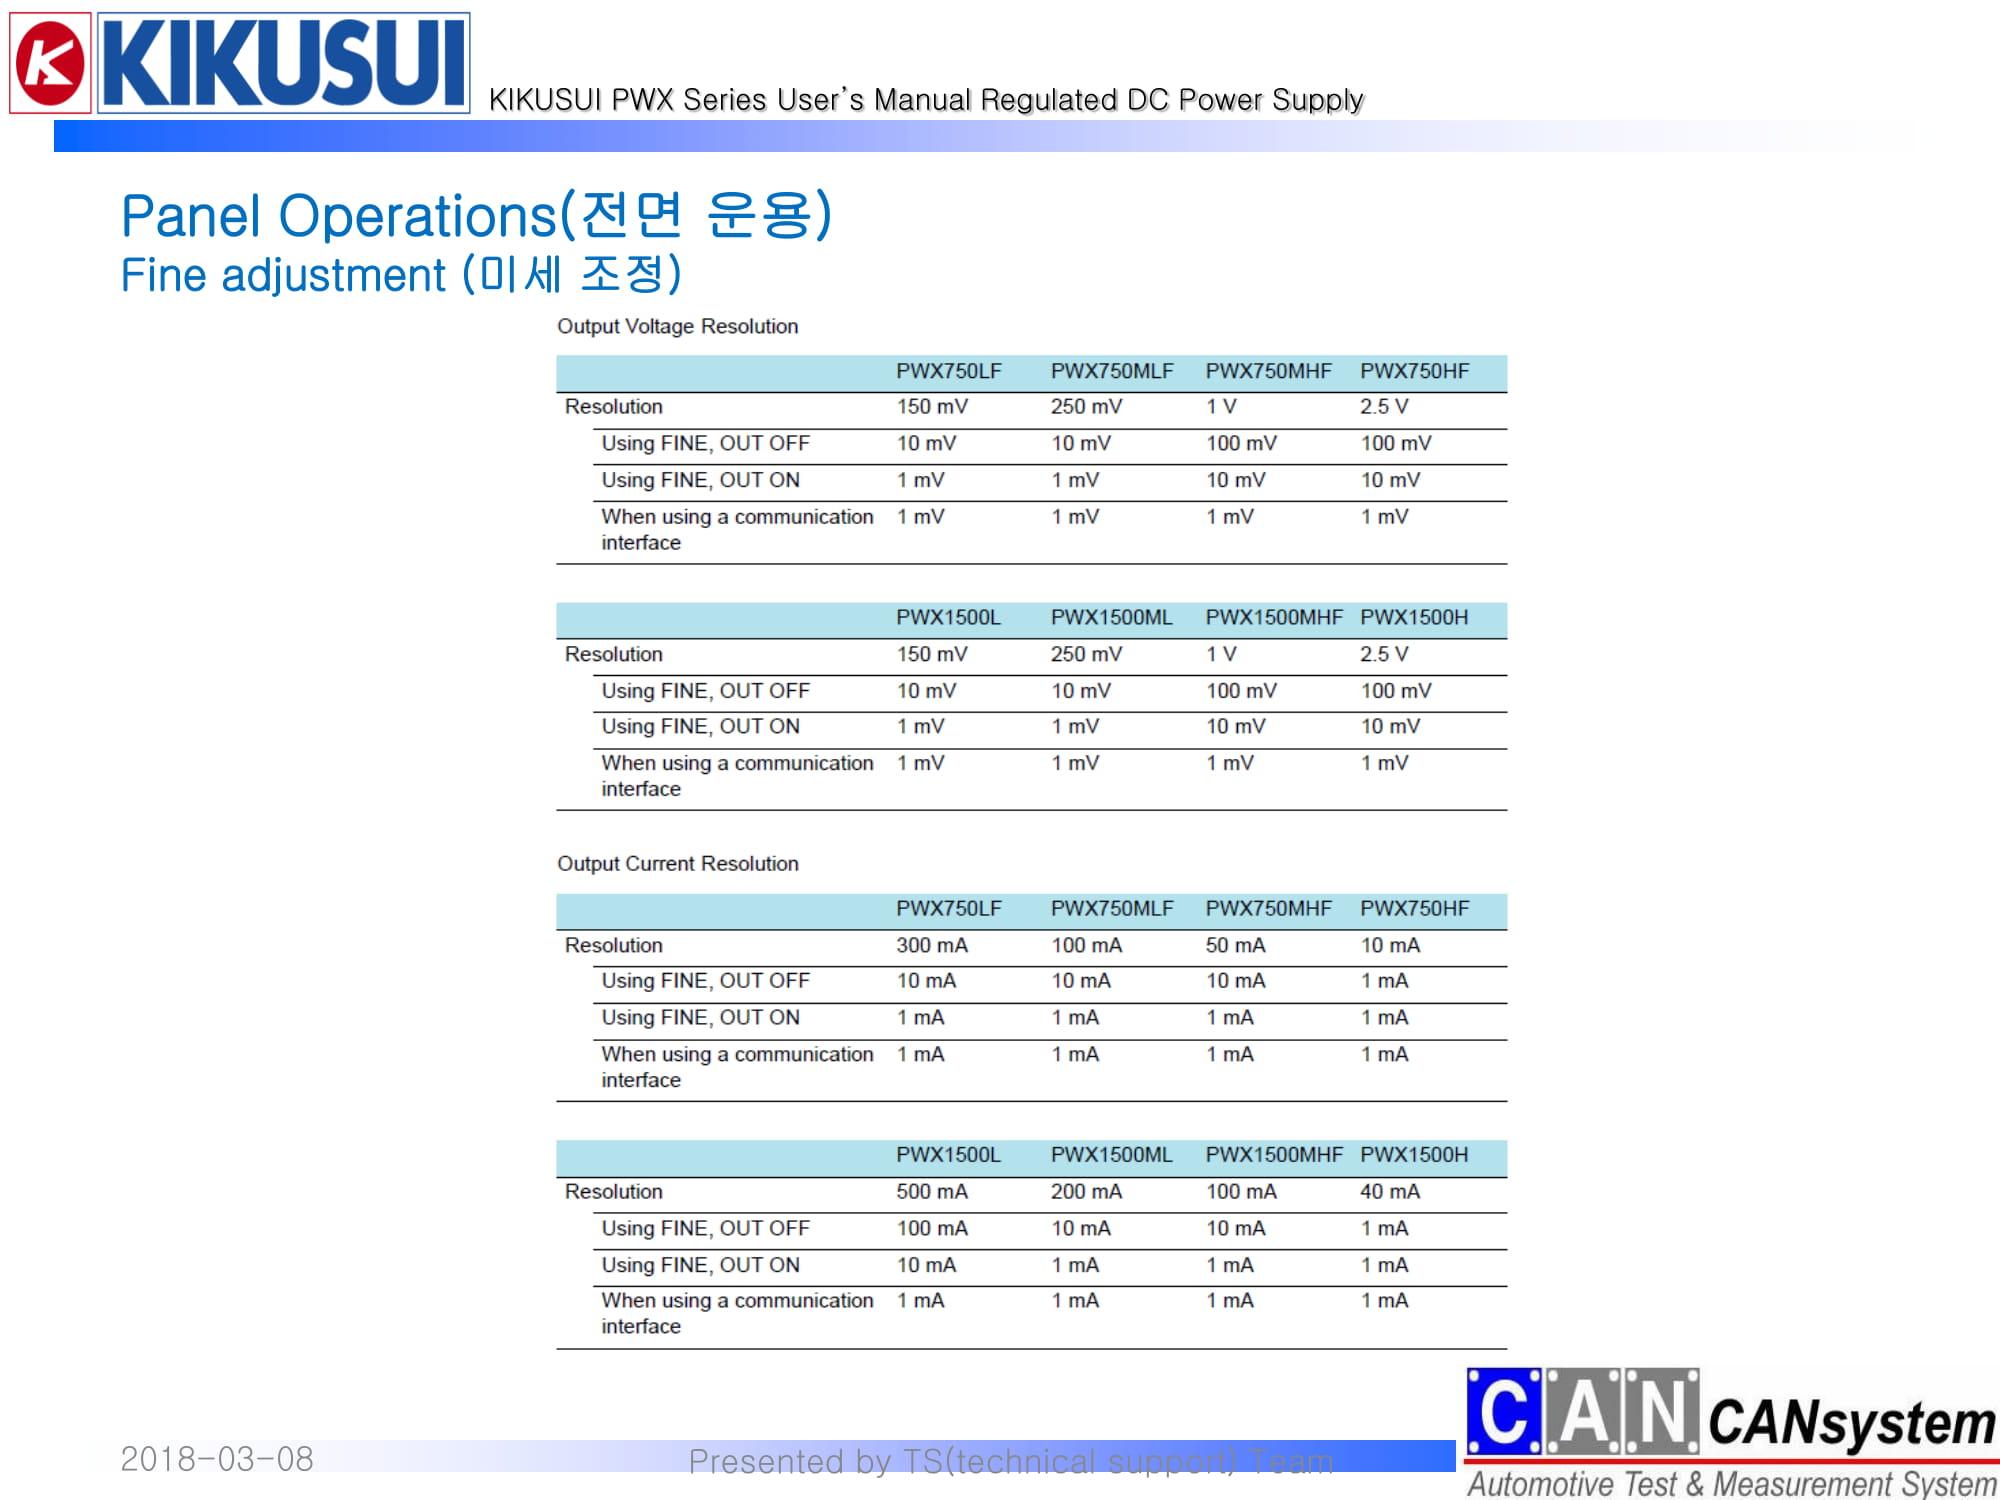 KIKUSUI PWX1500L 사용 가이드-19.jpg